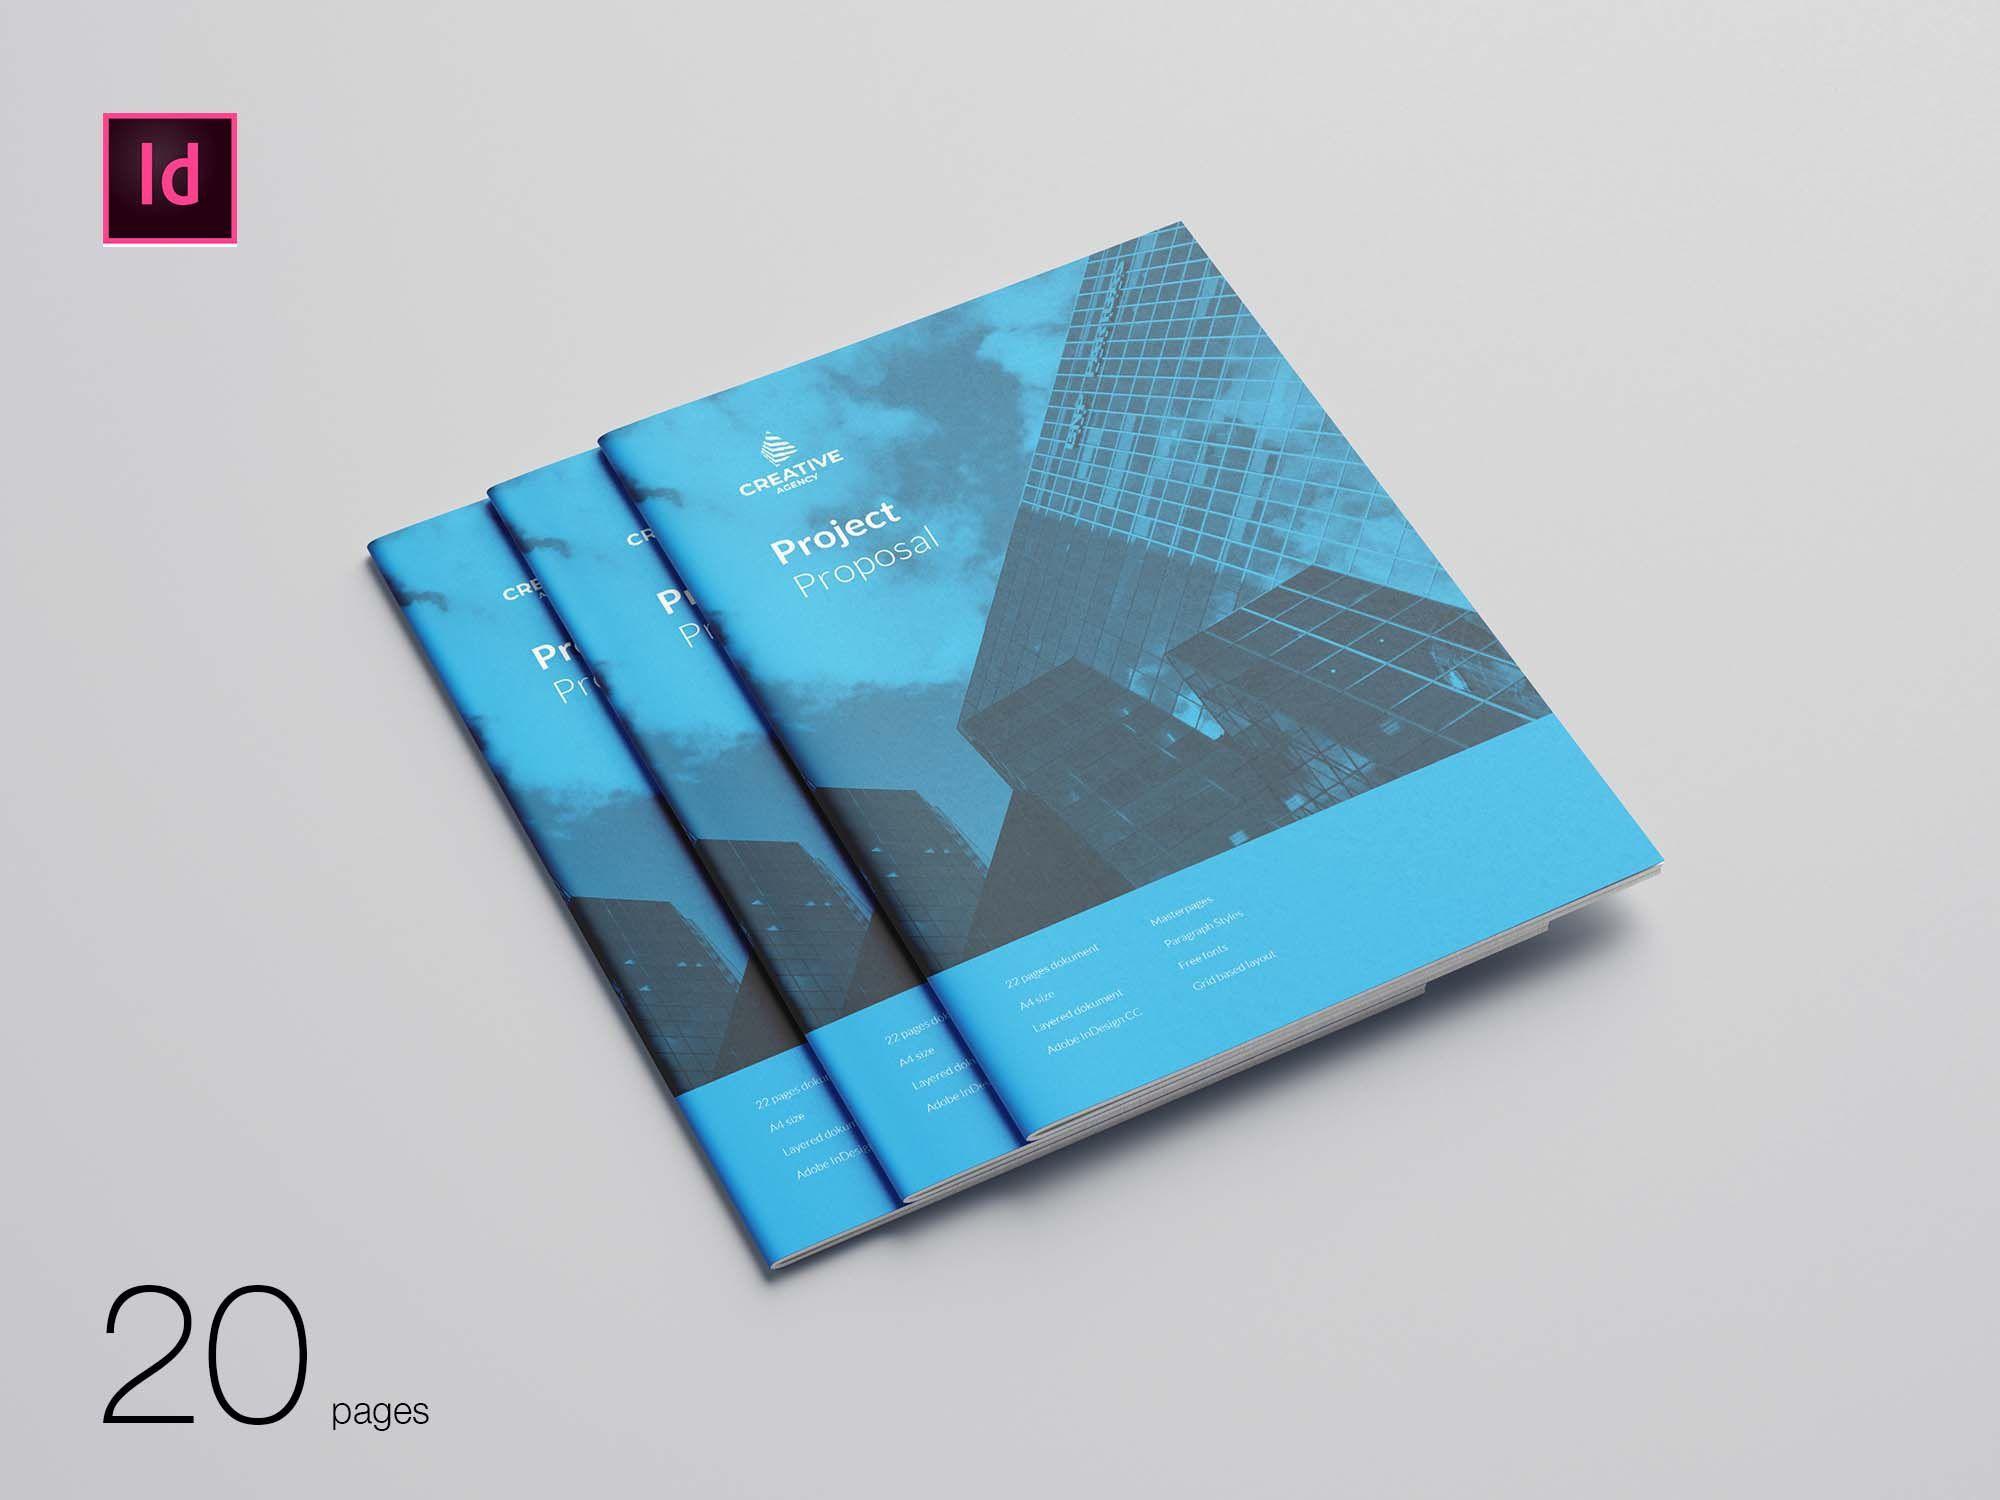 004 Striking Web Design Proposal Template Free Download Image Full